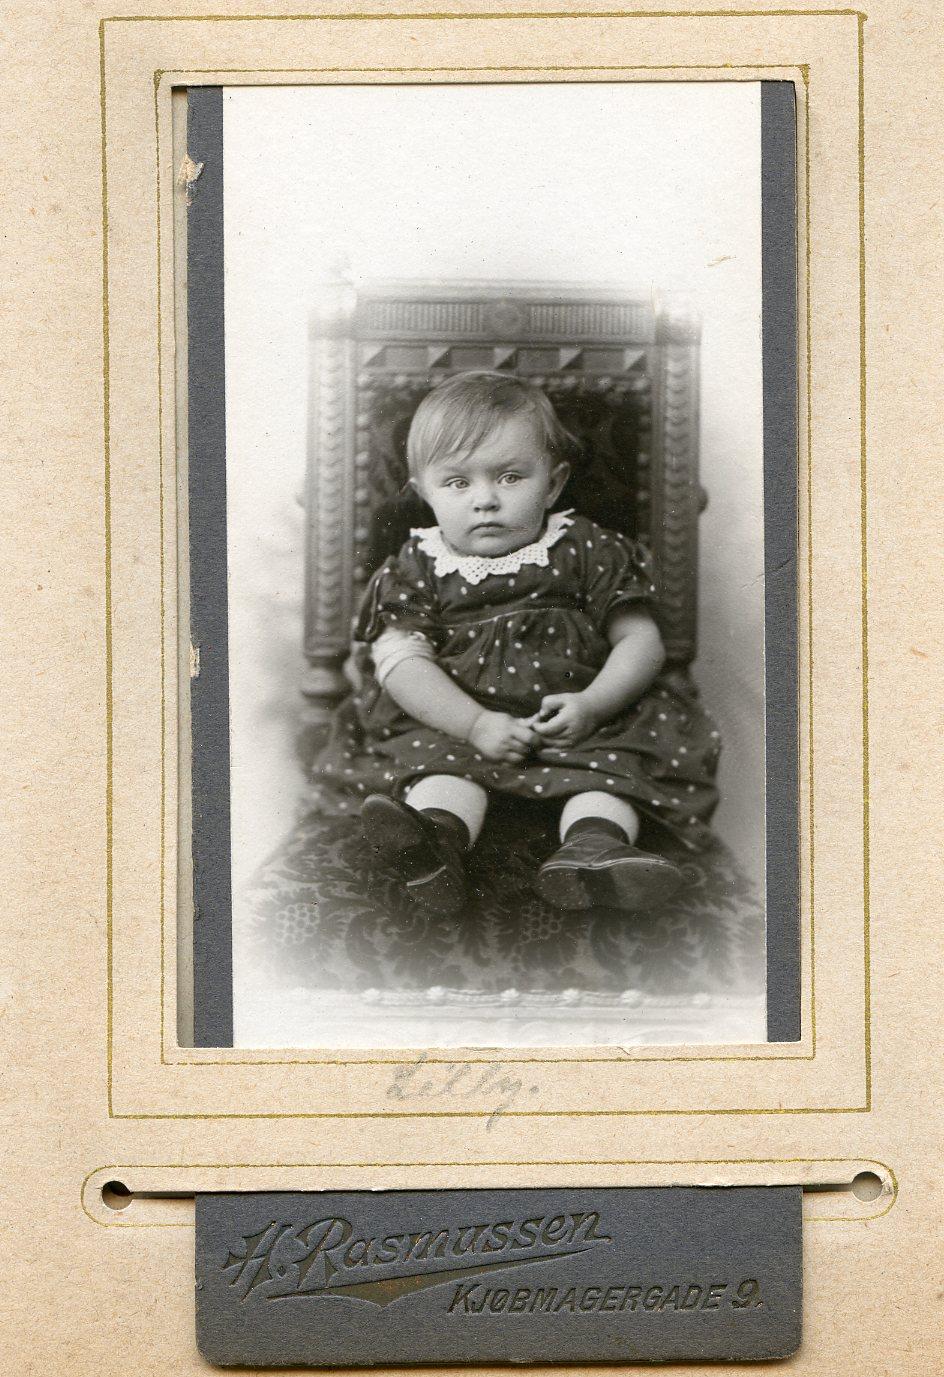 Johanne Hedemanns Album billede nr. 50